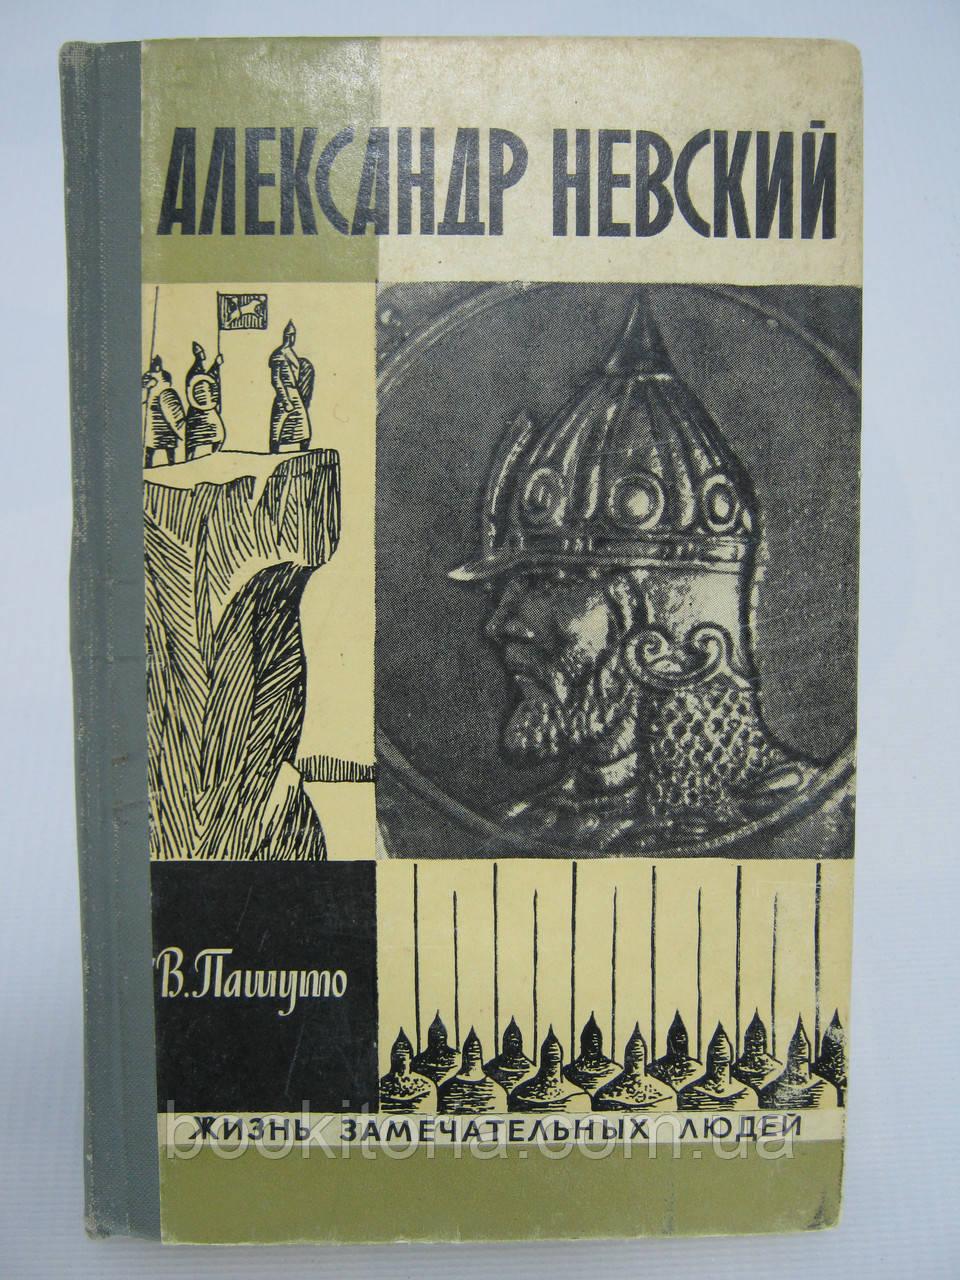 Пашуто В. Александр Невский (б/у).